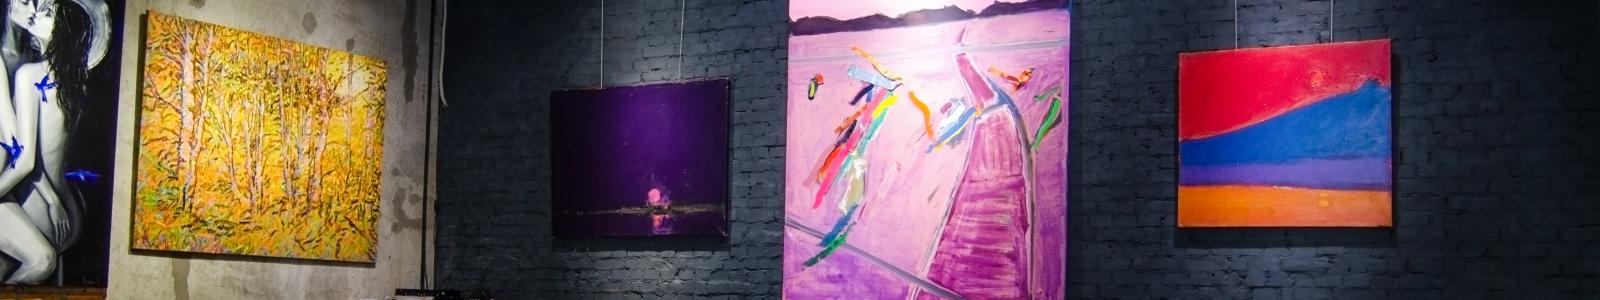 Gallery Tuzov Gallery